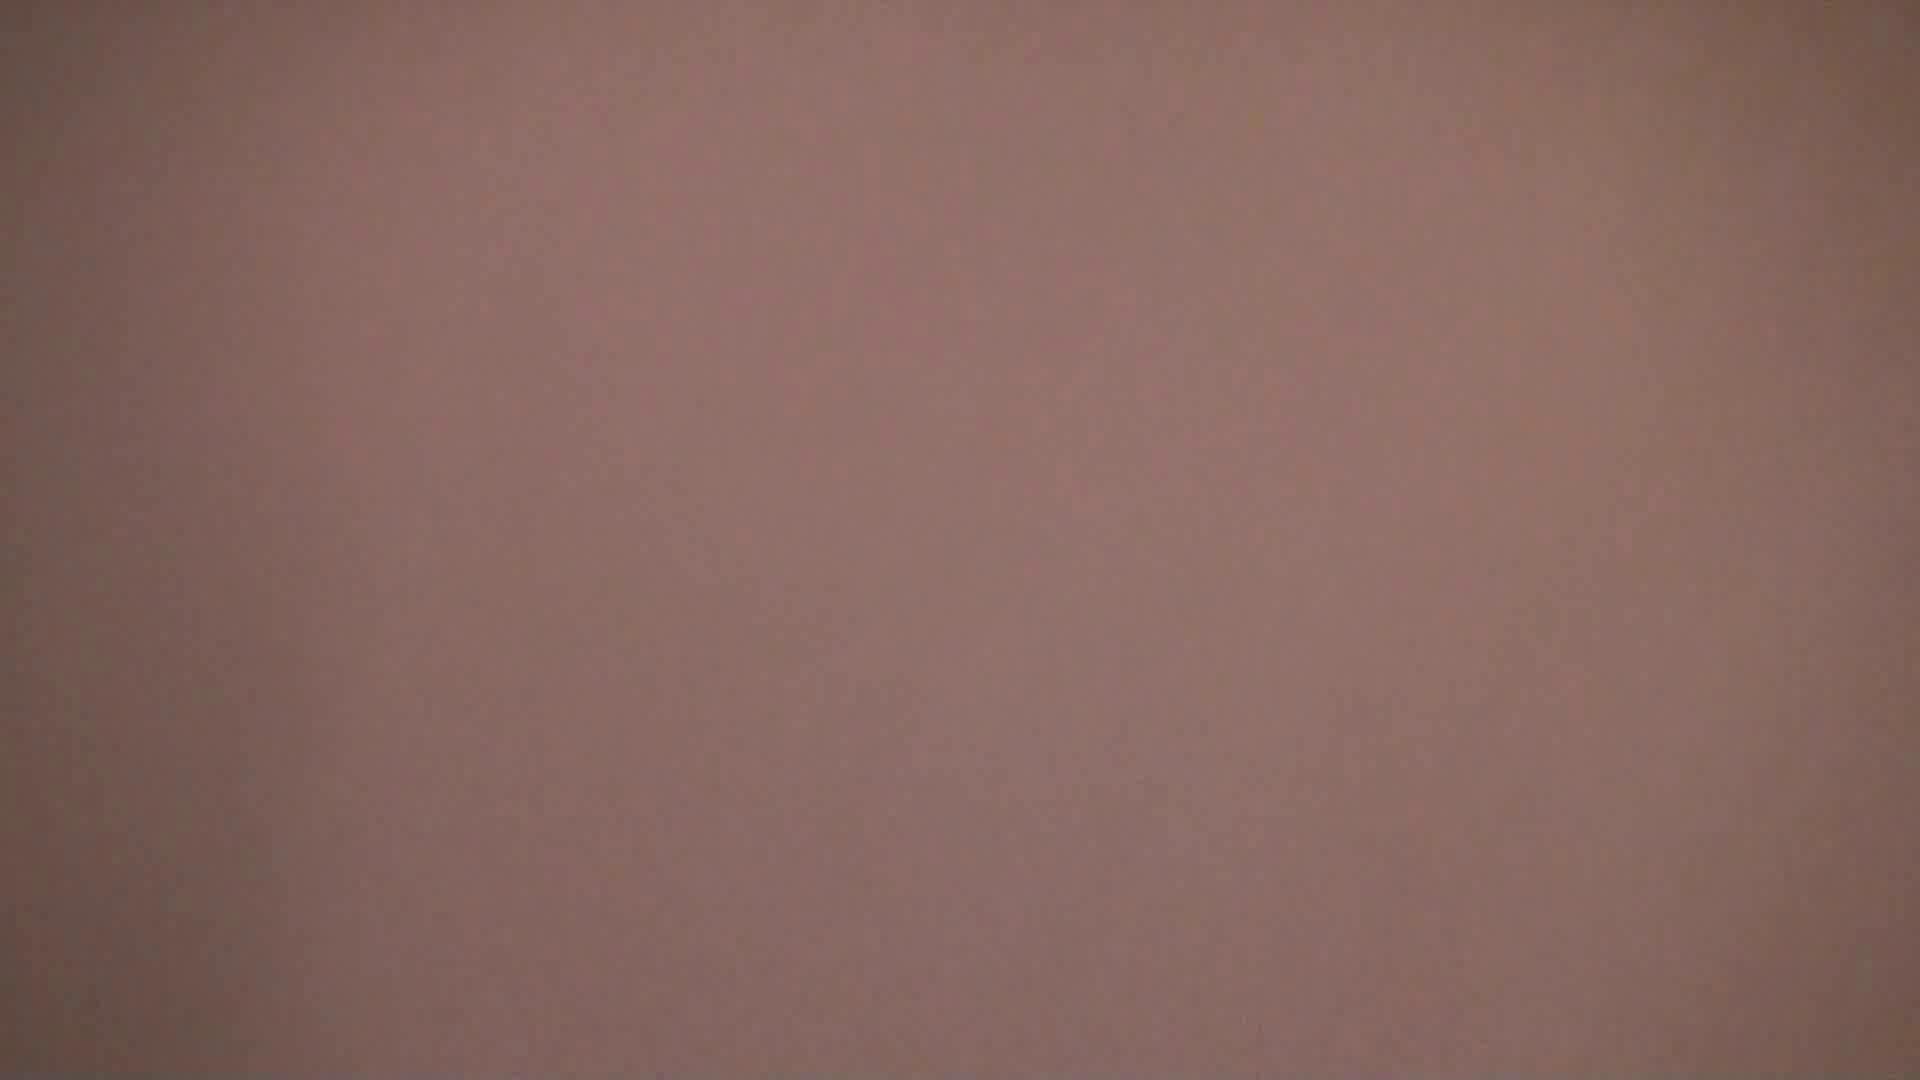 雅さんの独断と偏見で集めた動画集 Vol.9 OLのエロ生活 | 期間限定  18連発 5